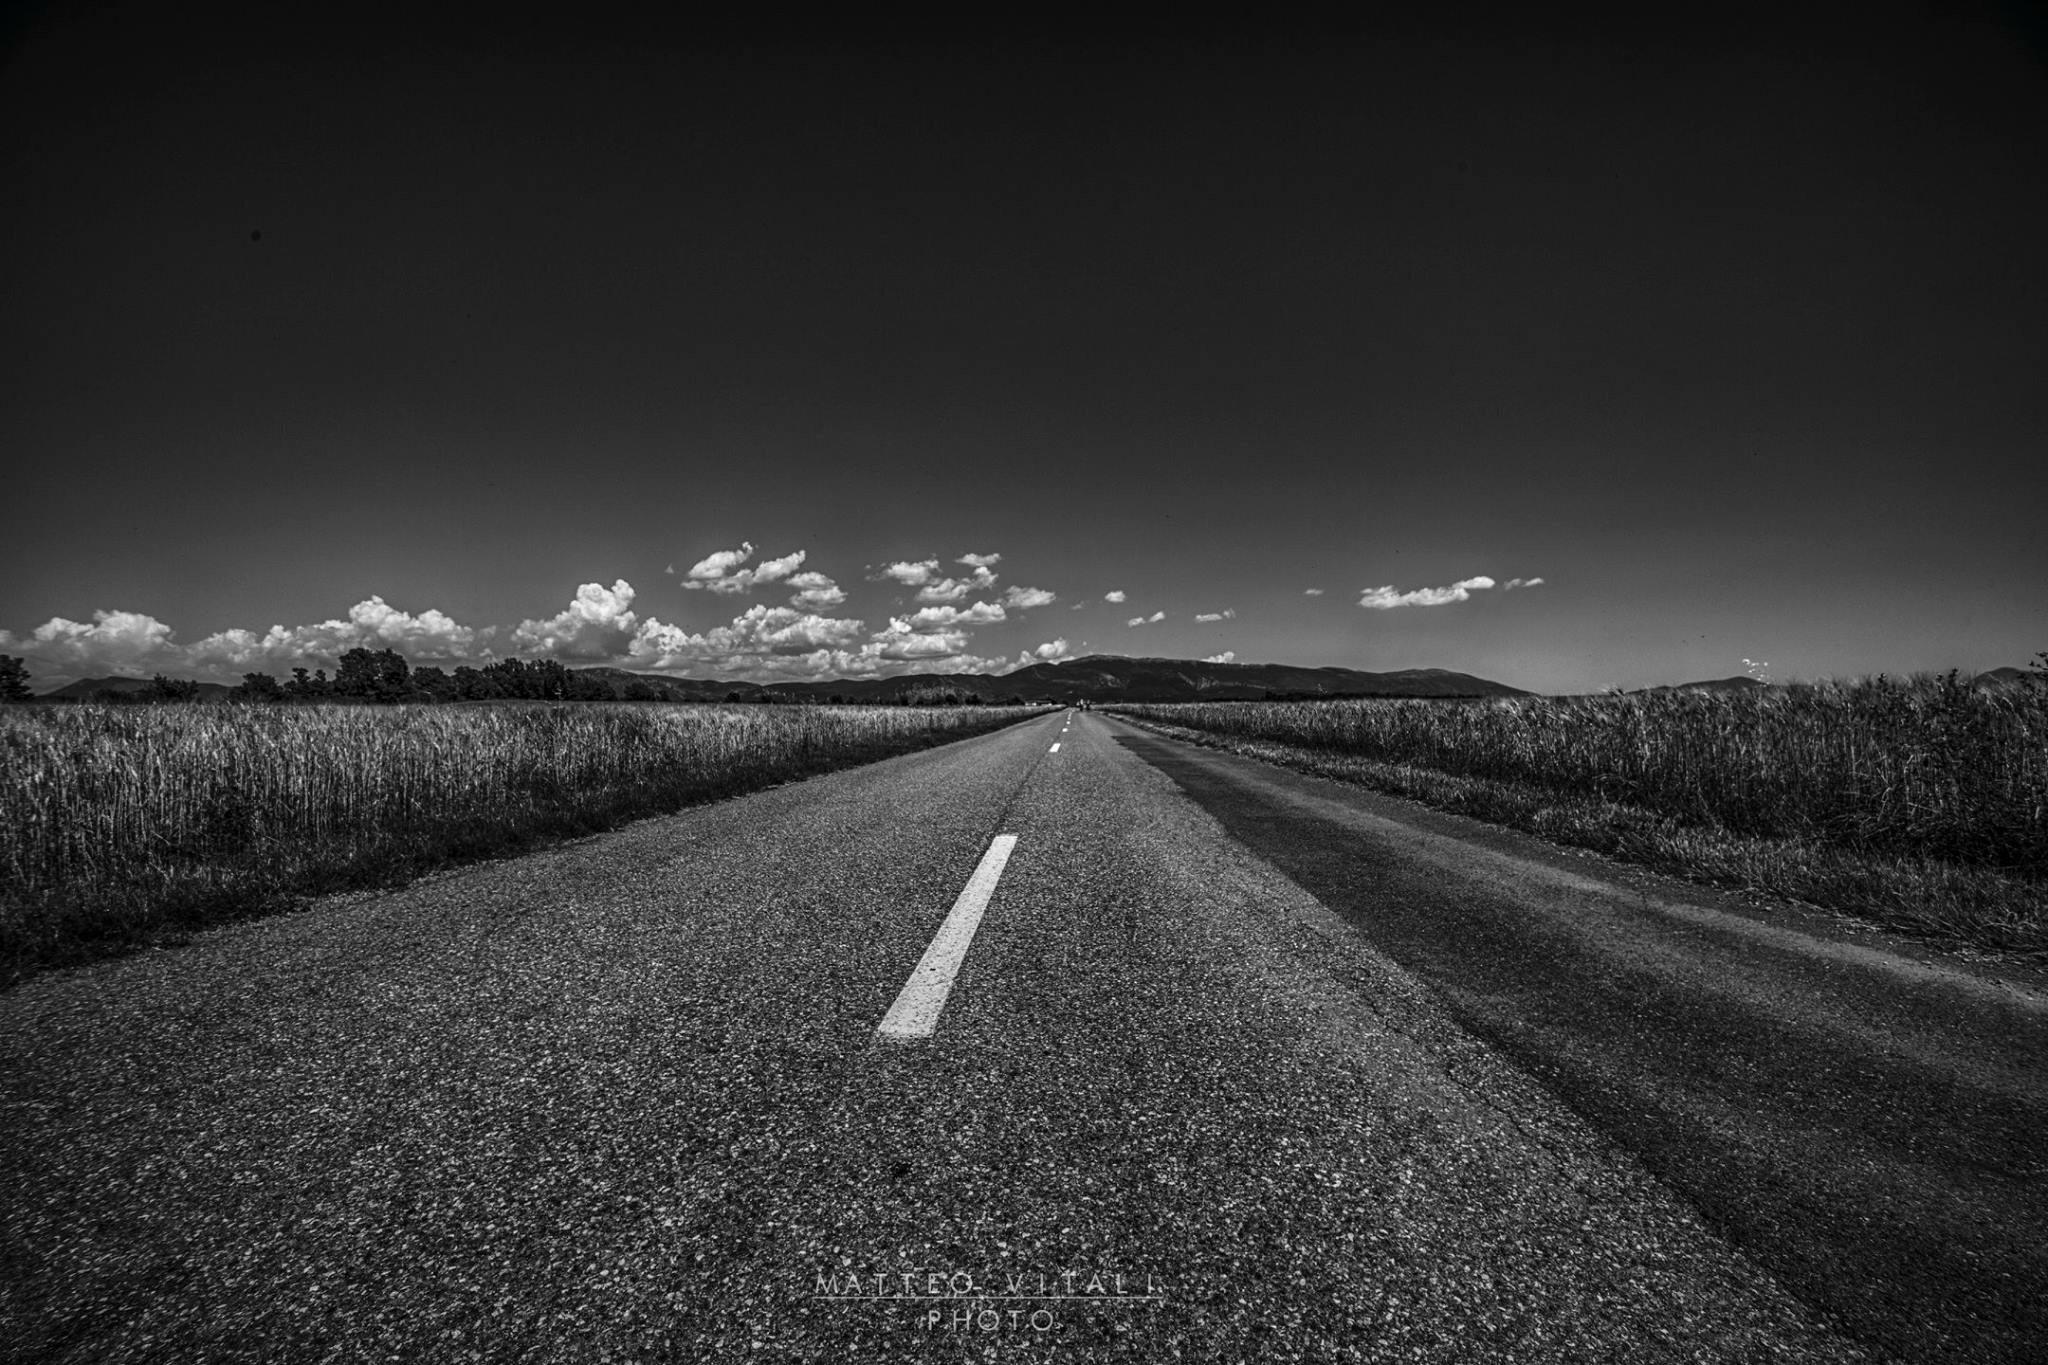 The way  by Matteo Vitali